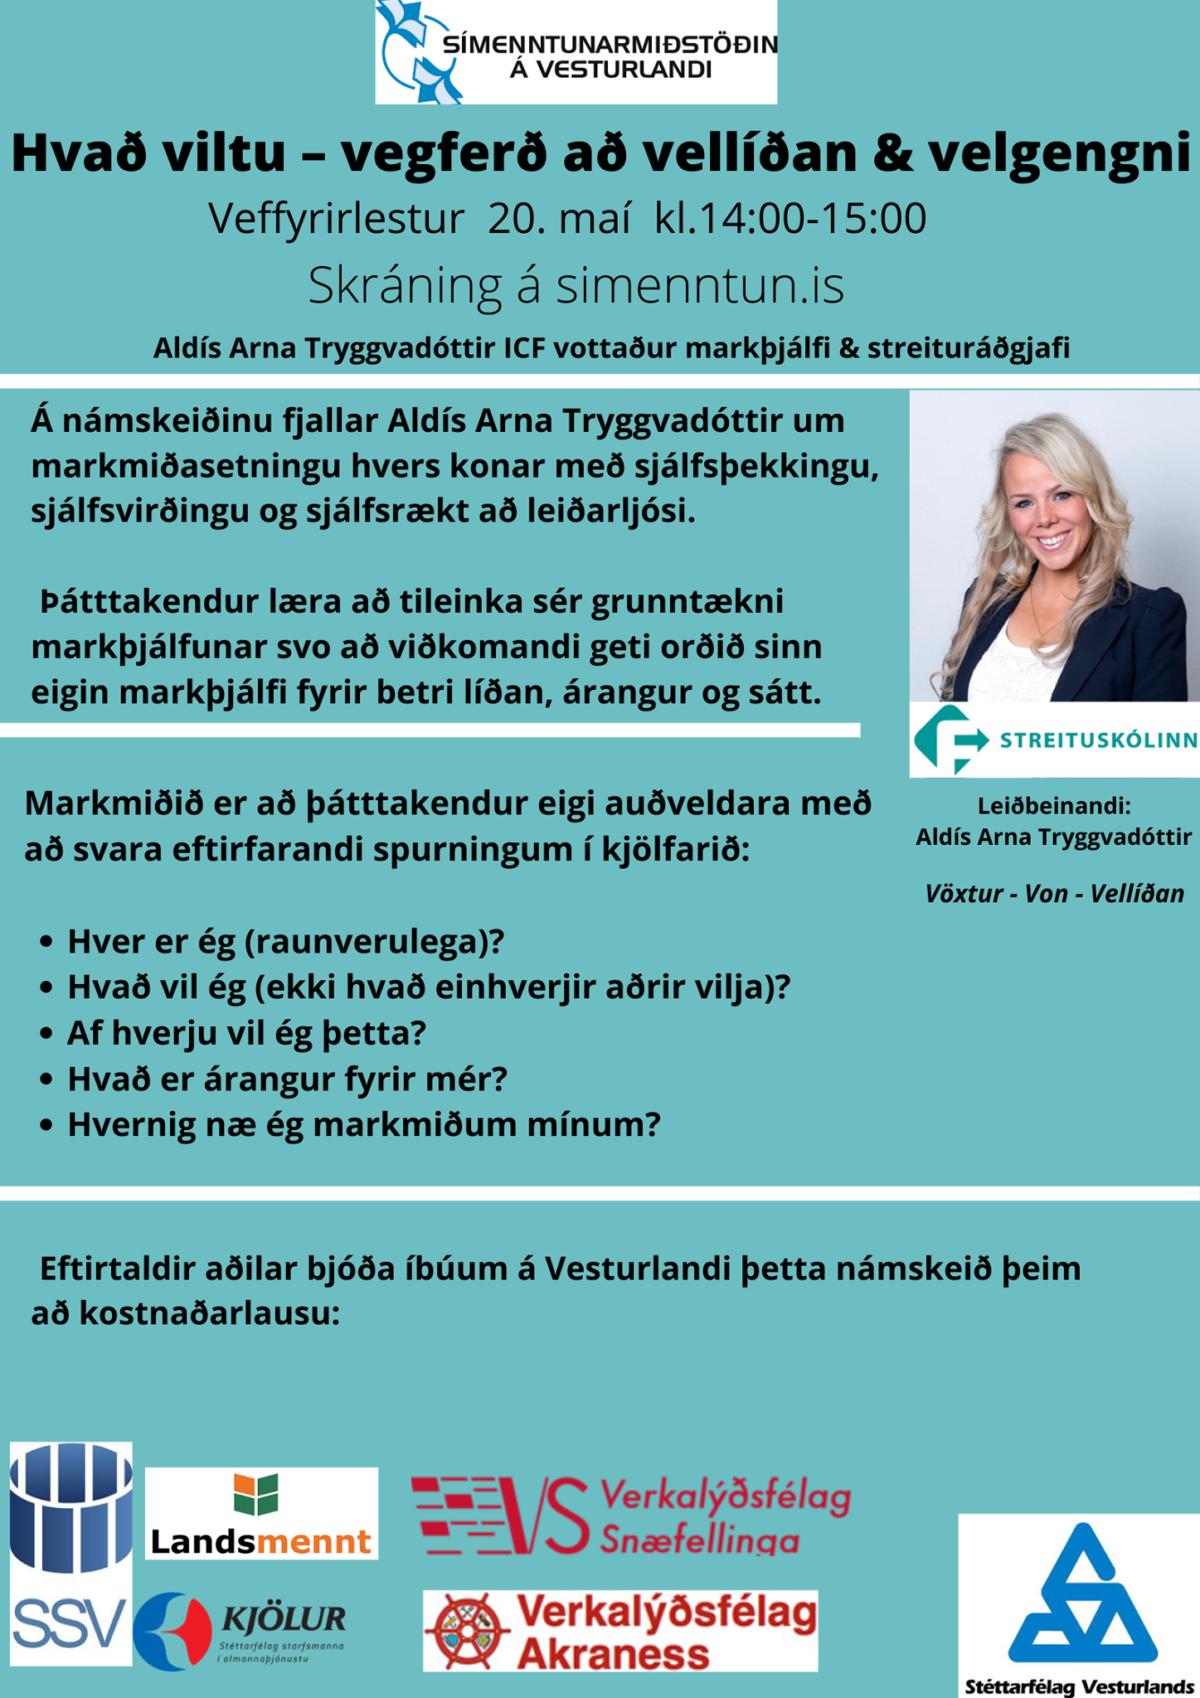 Hvað viltu – vegferð að vellíðan & velgengni er næsta vefnámskeið og verður ...